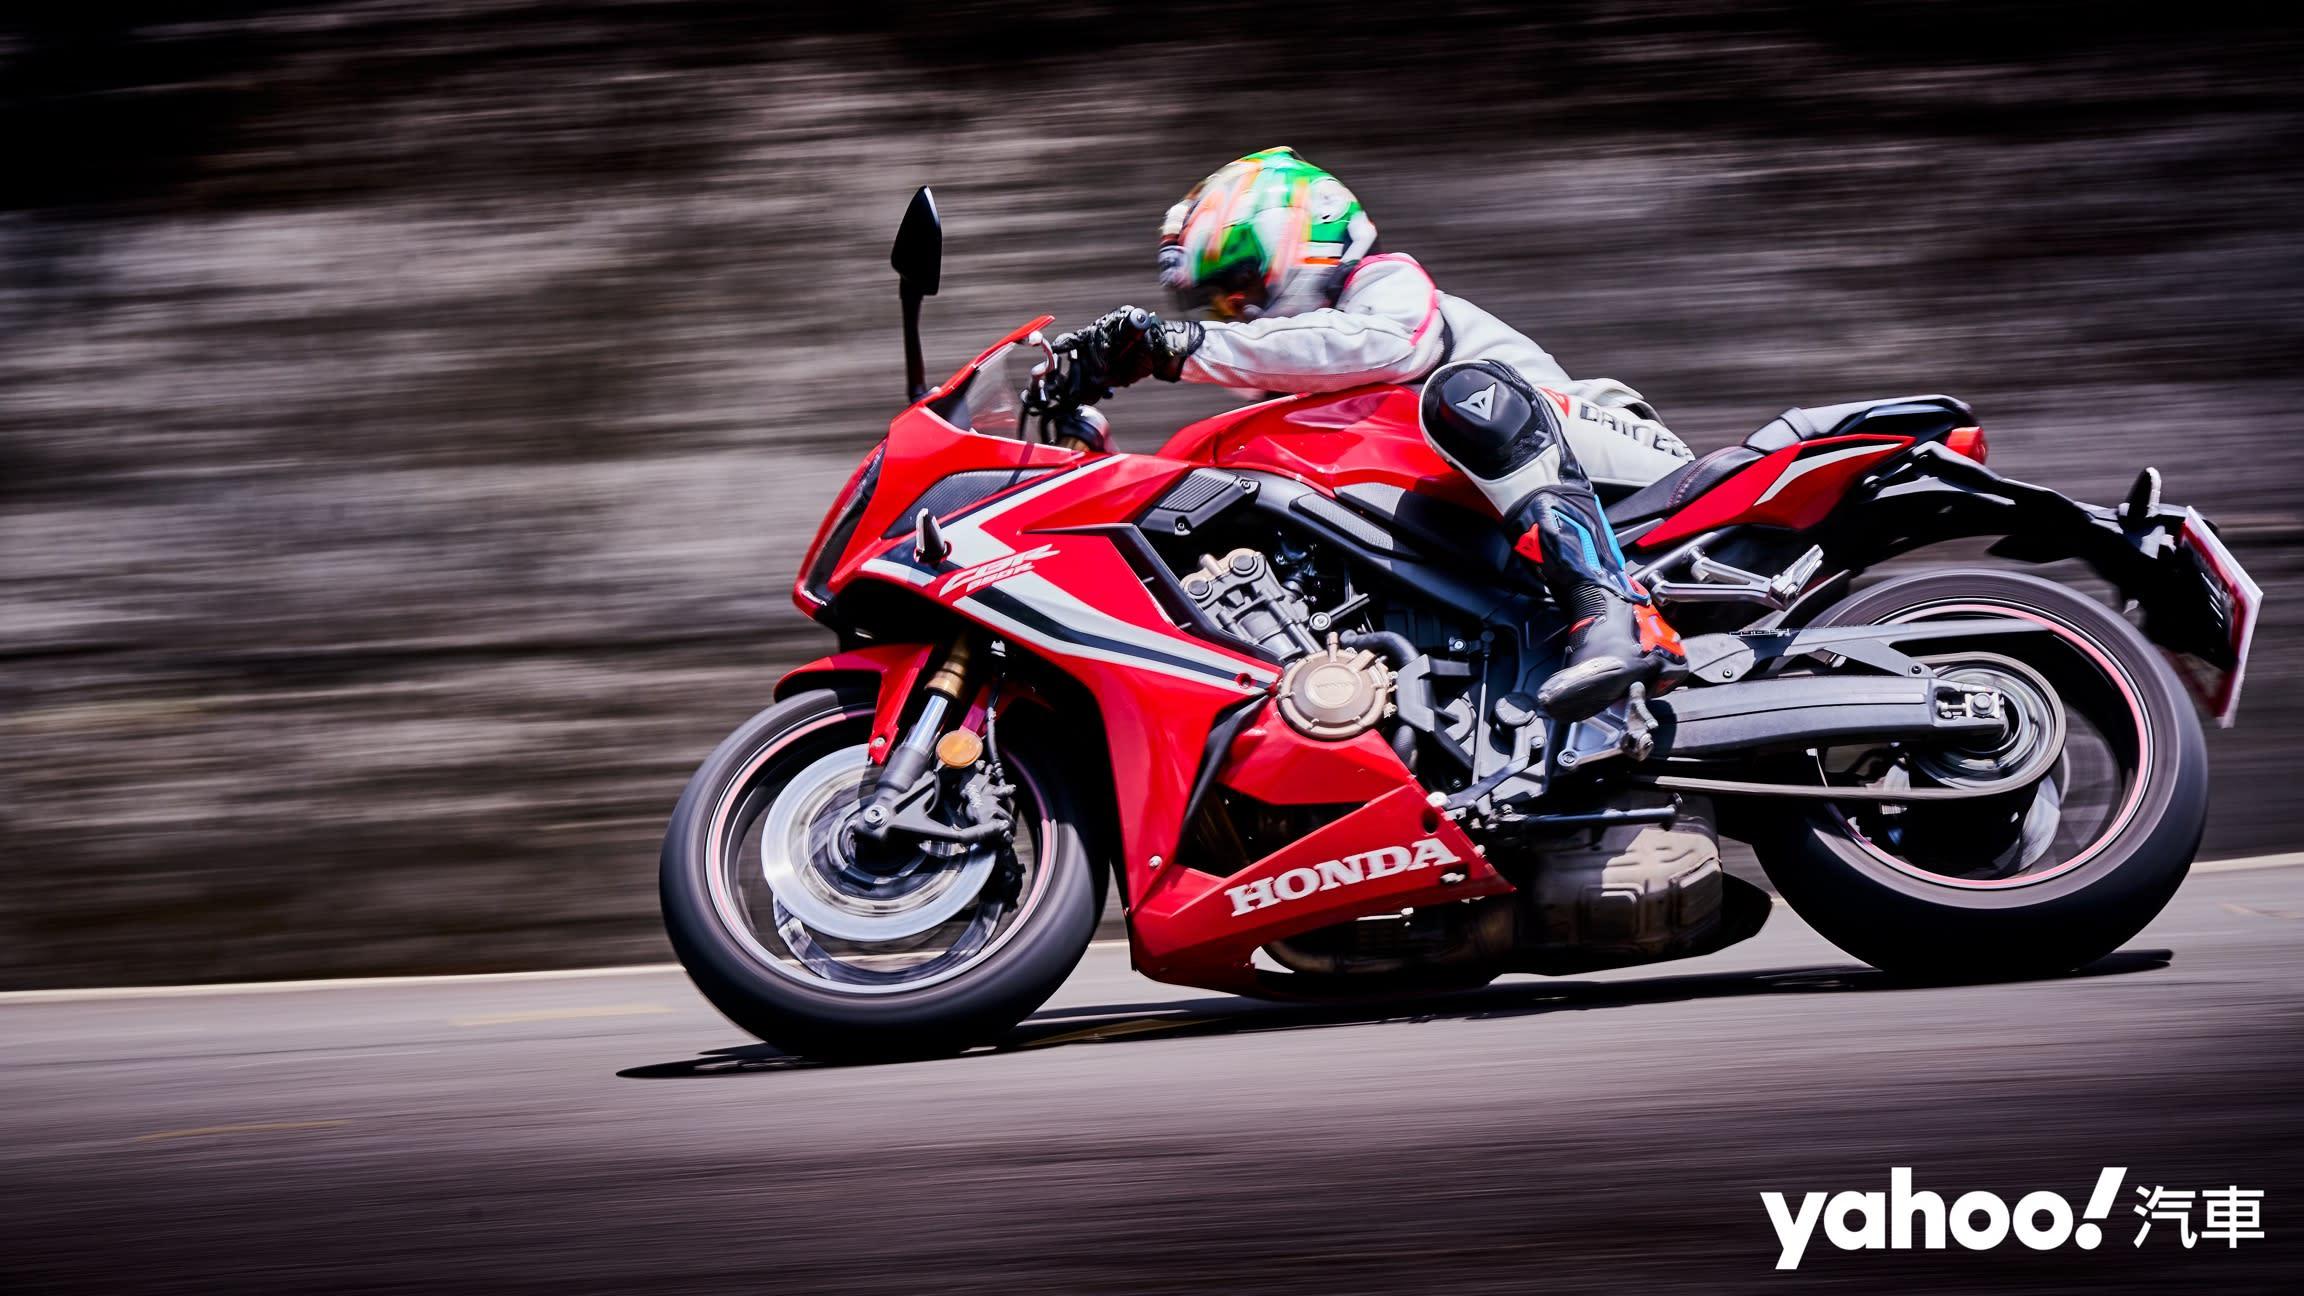 【新車圖輯】收放自如的親切「準」熱血仿賽!2020 Honda CBR650R新北市郊山區試駕!